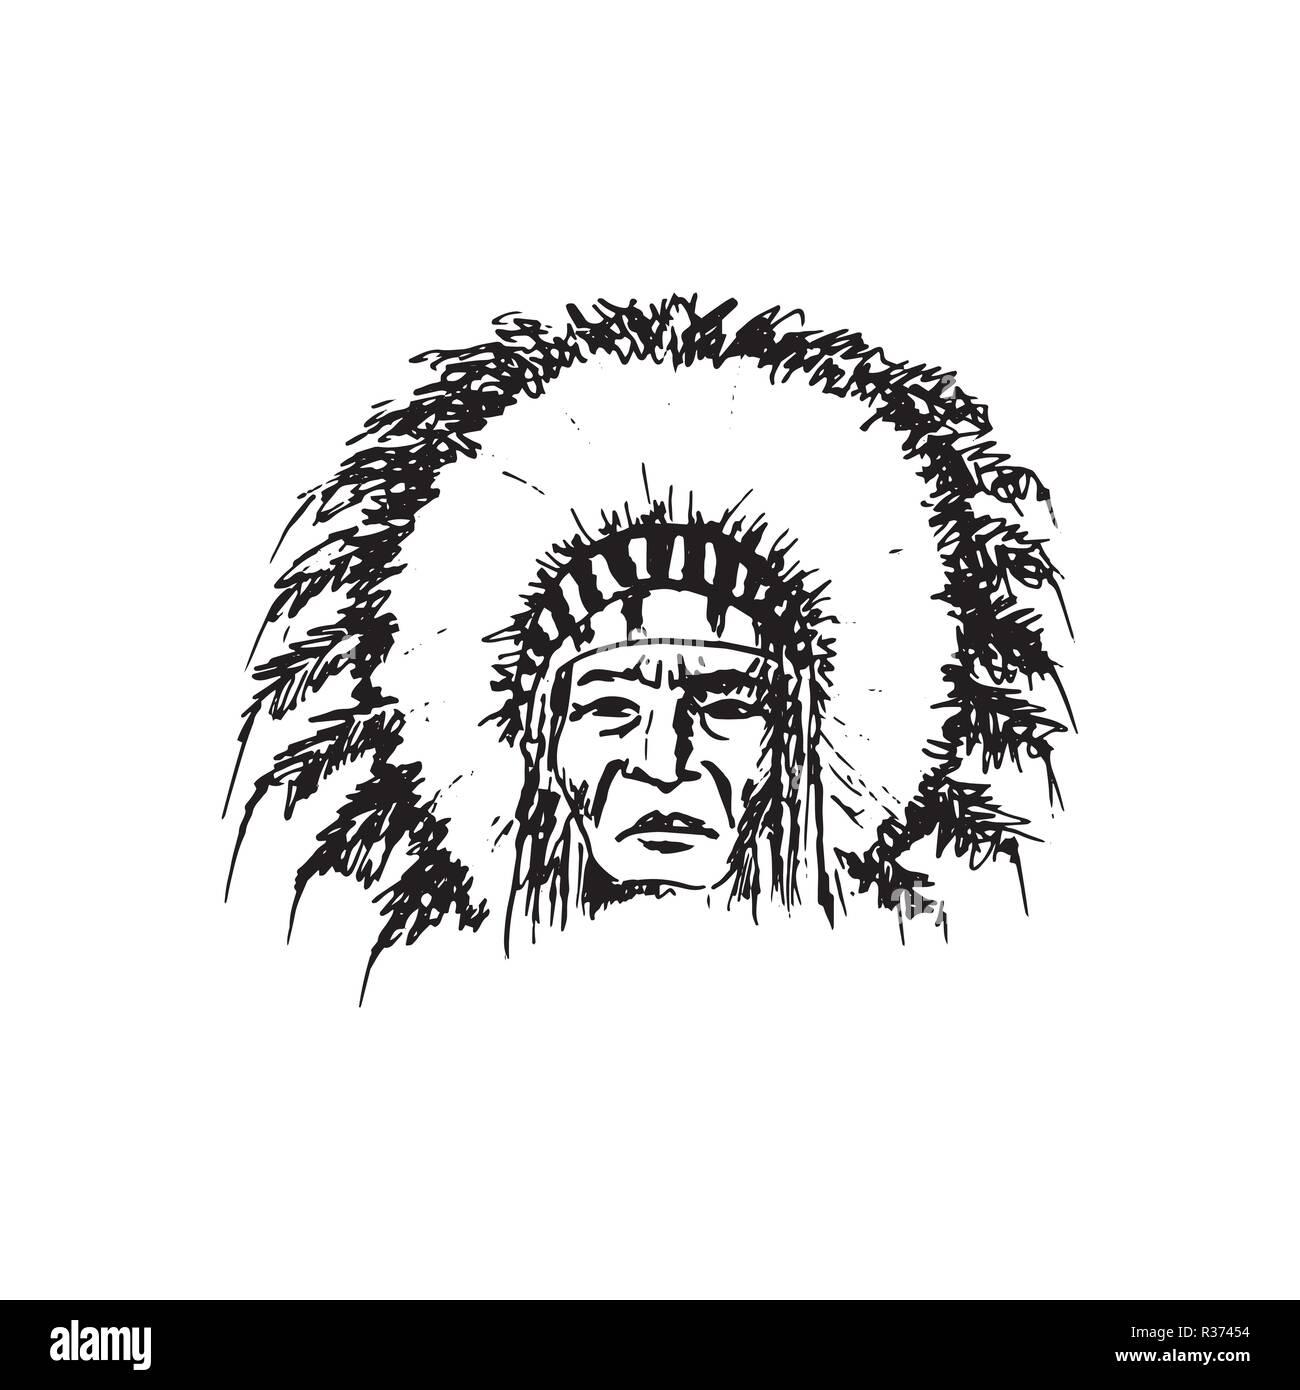 Cartoon Stilizzato Schizzo North American Indian Chief Pellerossa